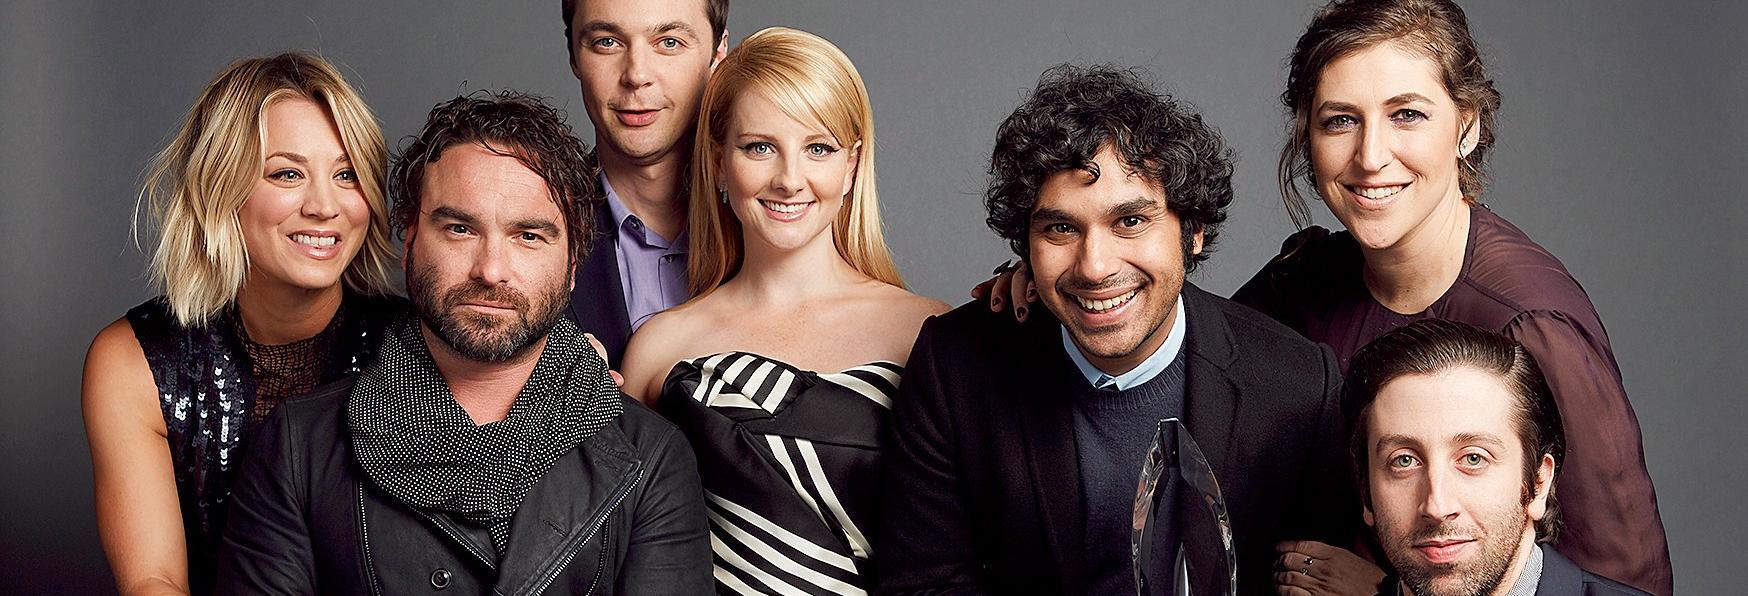 The Big Bang Theory: al Finale della Serie seguirà una Retrospettiva